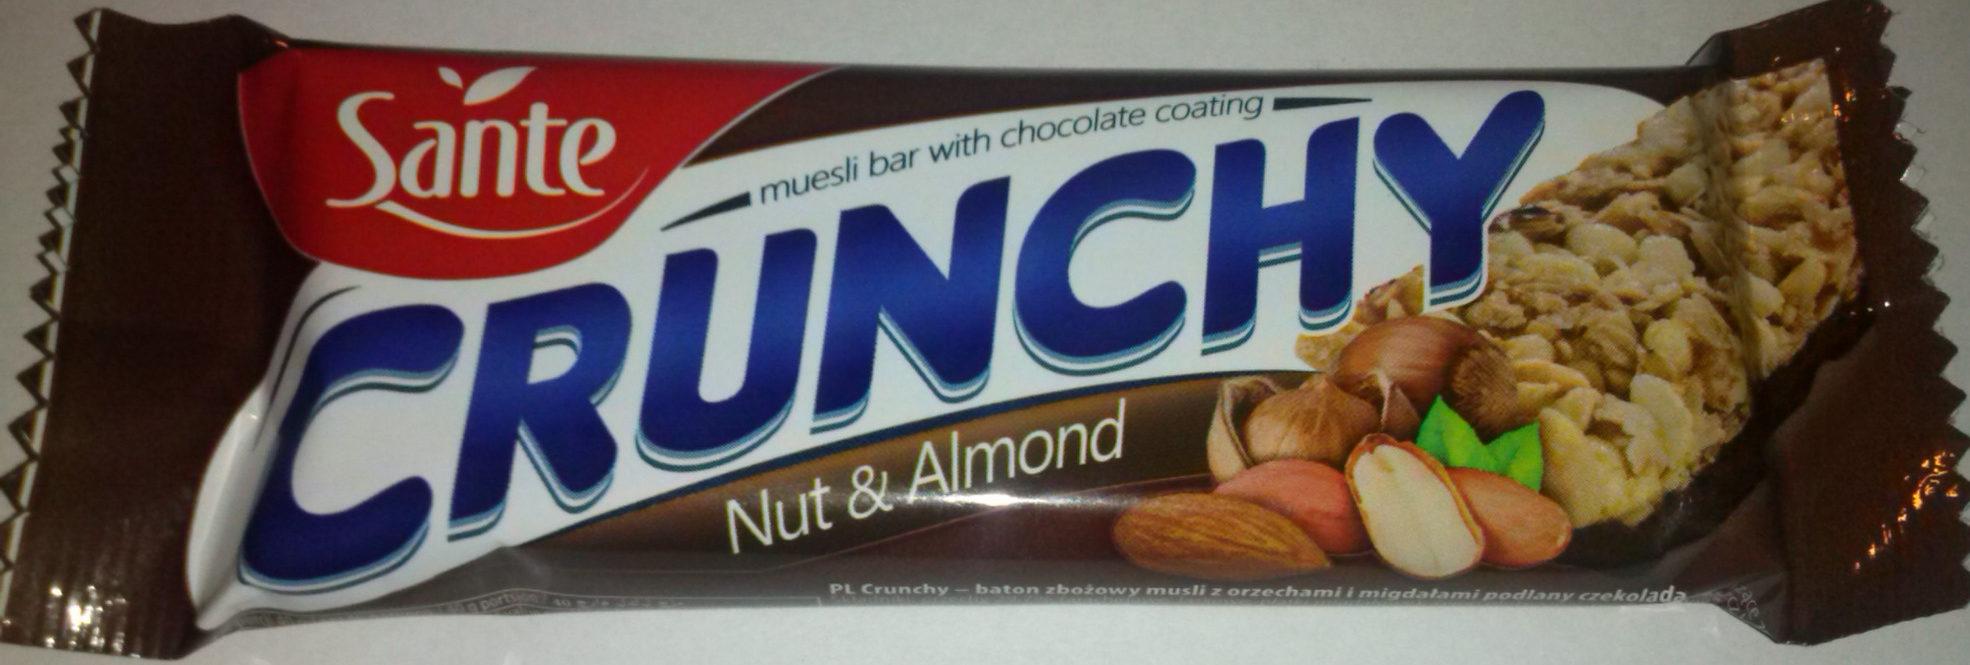 Sante Crunchy Nut & Almond - Produkt